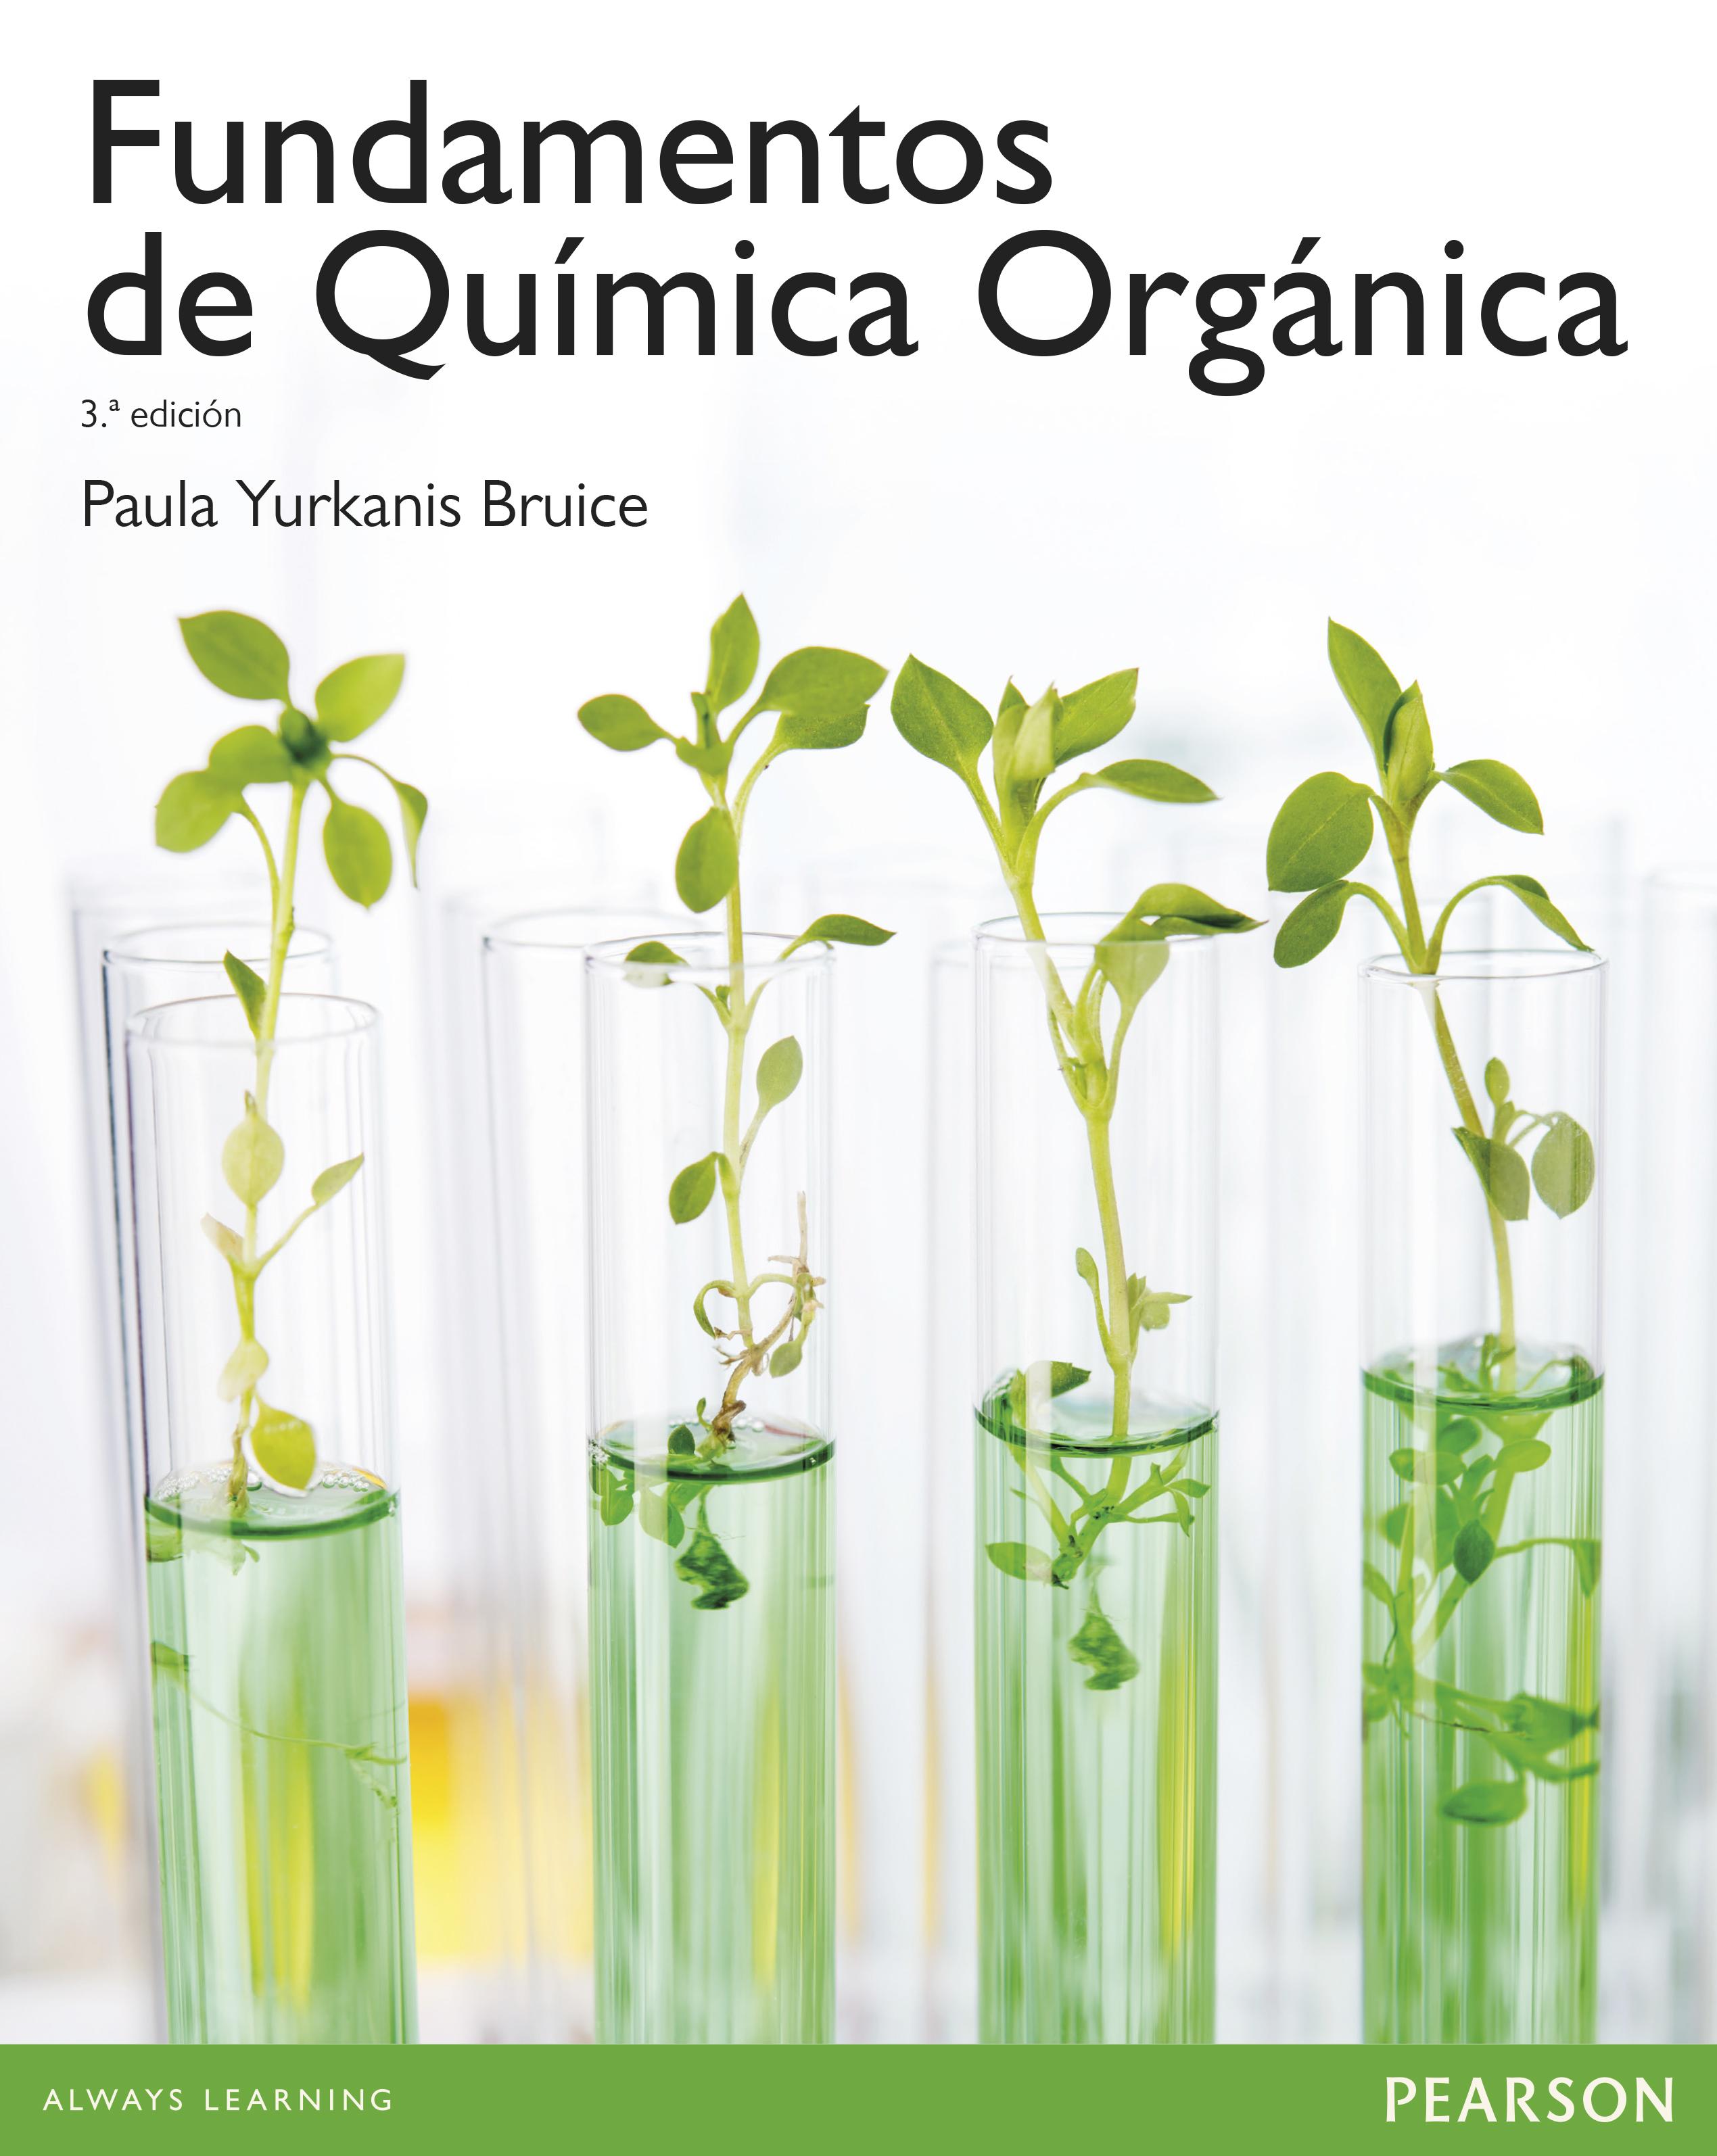 Fundamentos de qumica orgnica